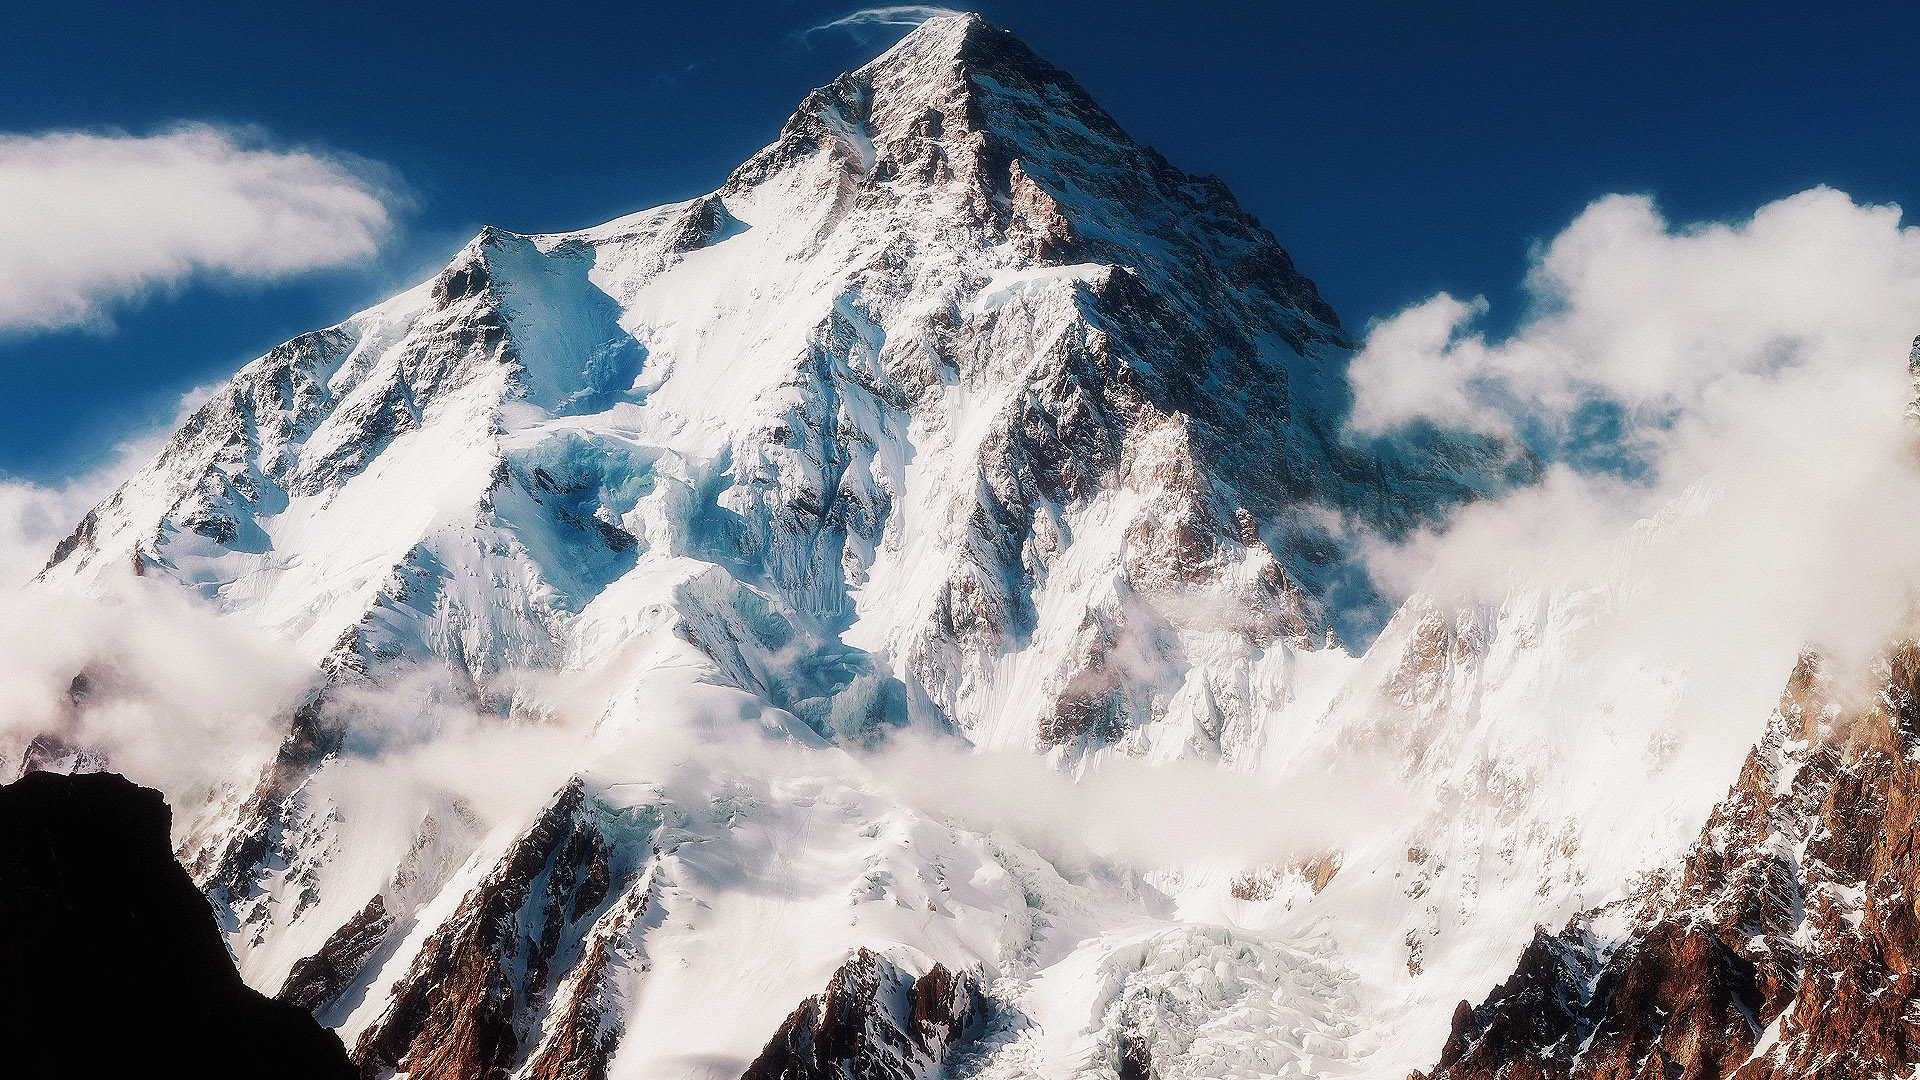 Гора Чогори К2, обои на телефон андроид горы, 1920 на 1080 пикселей